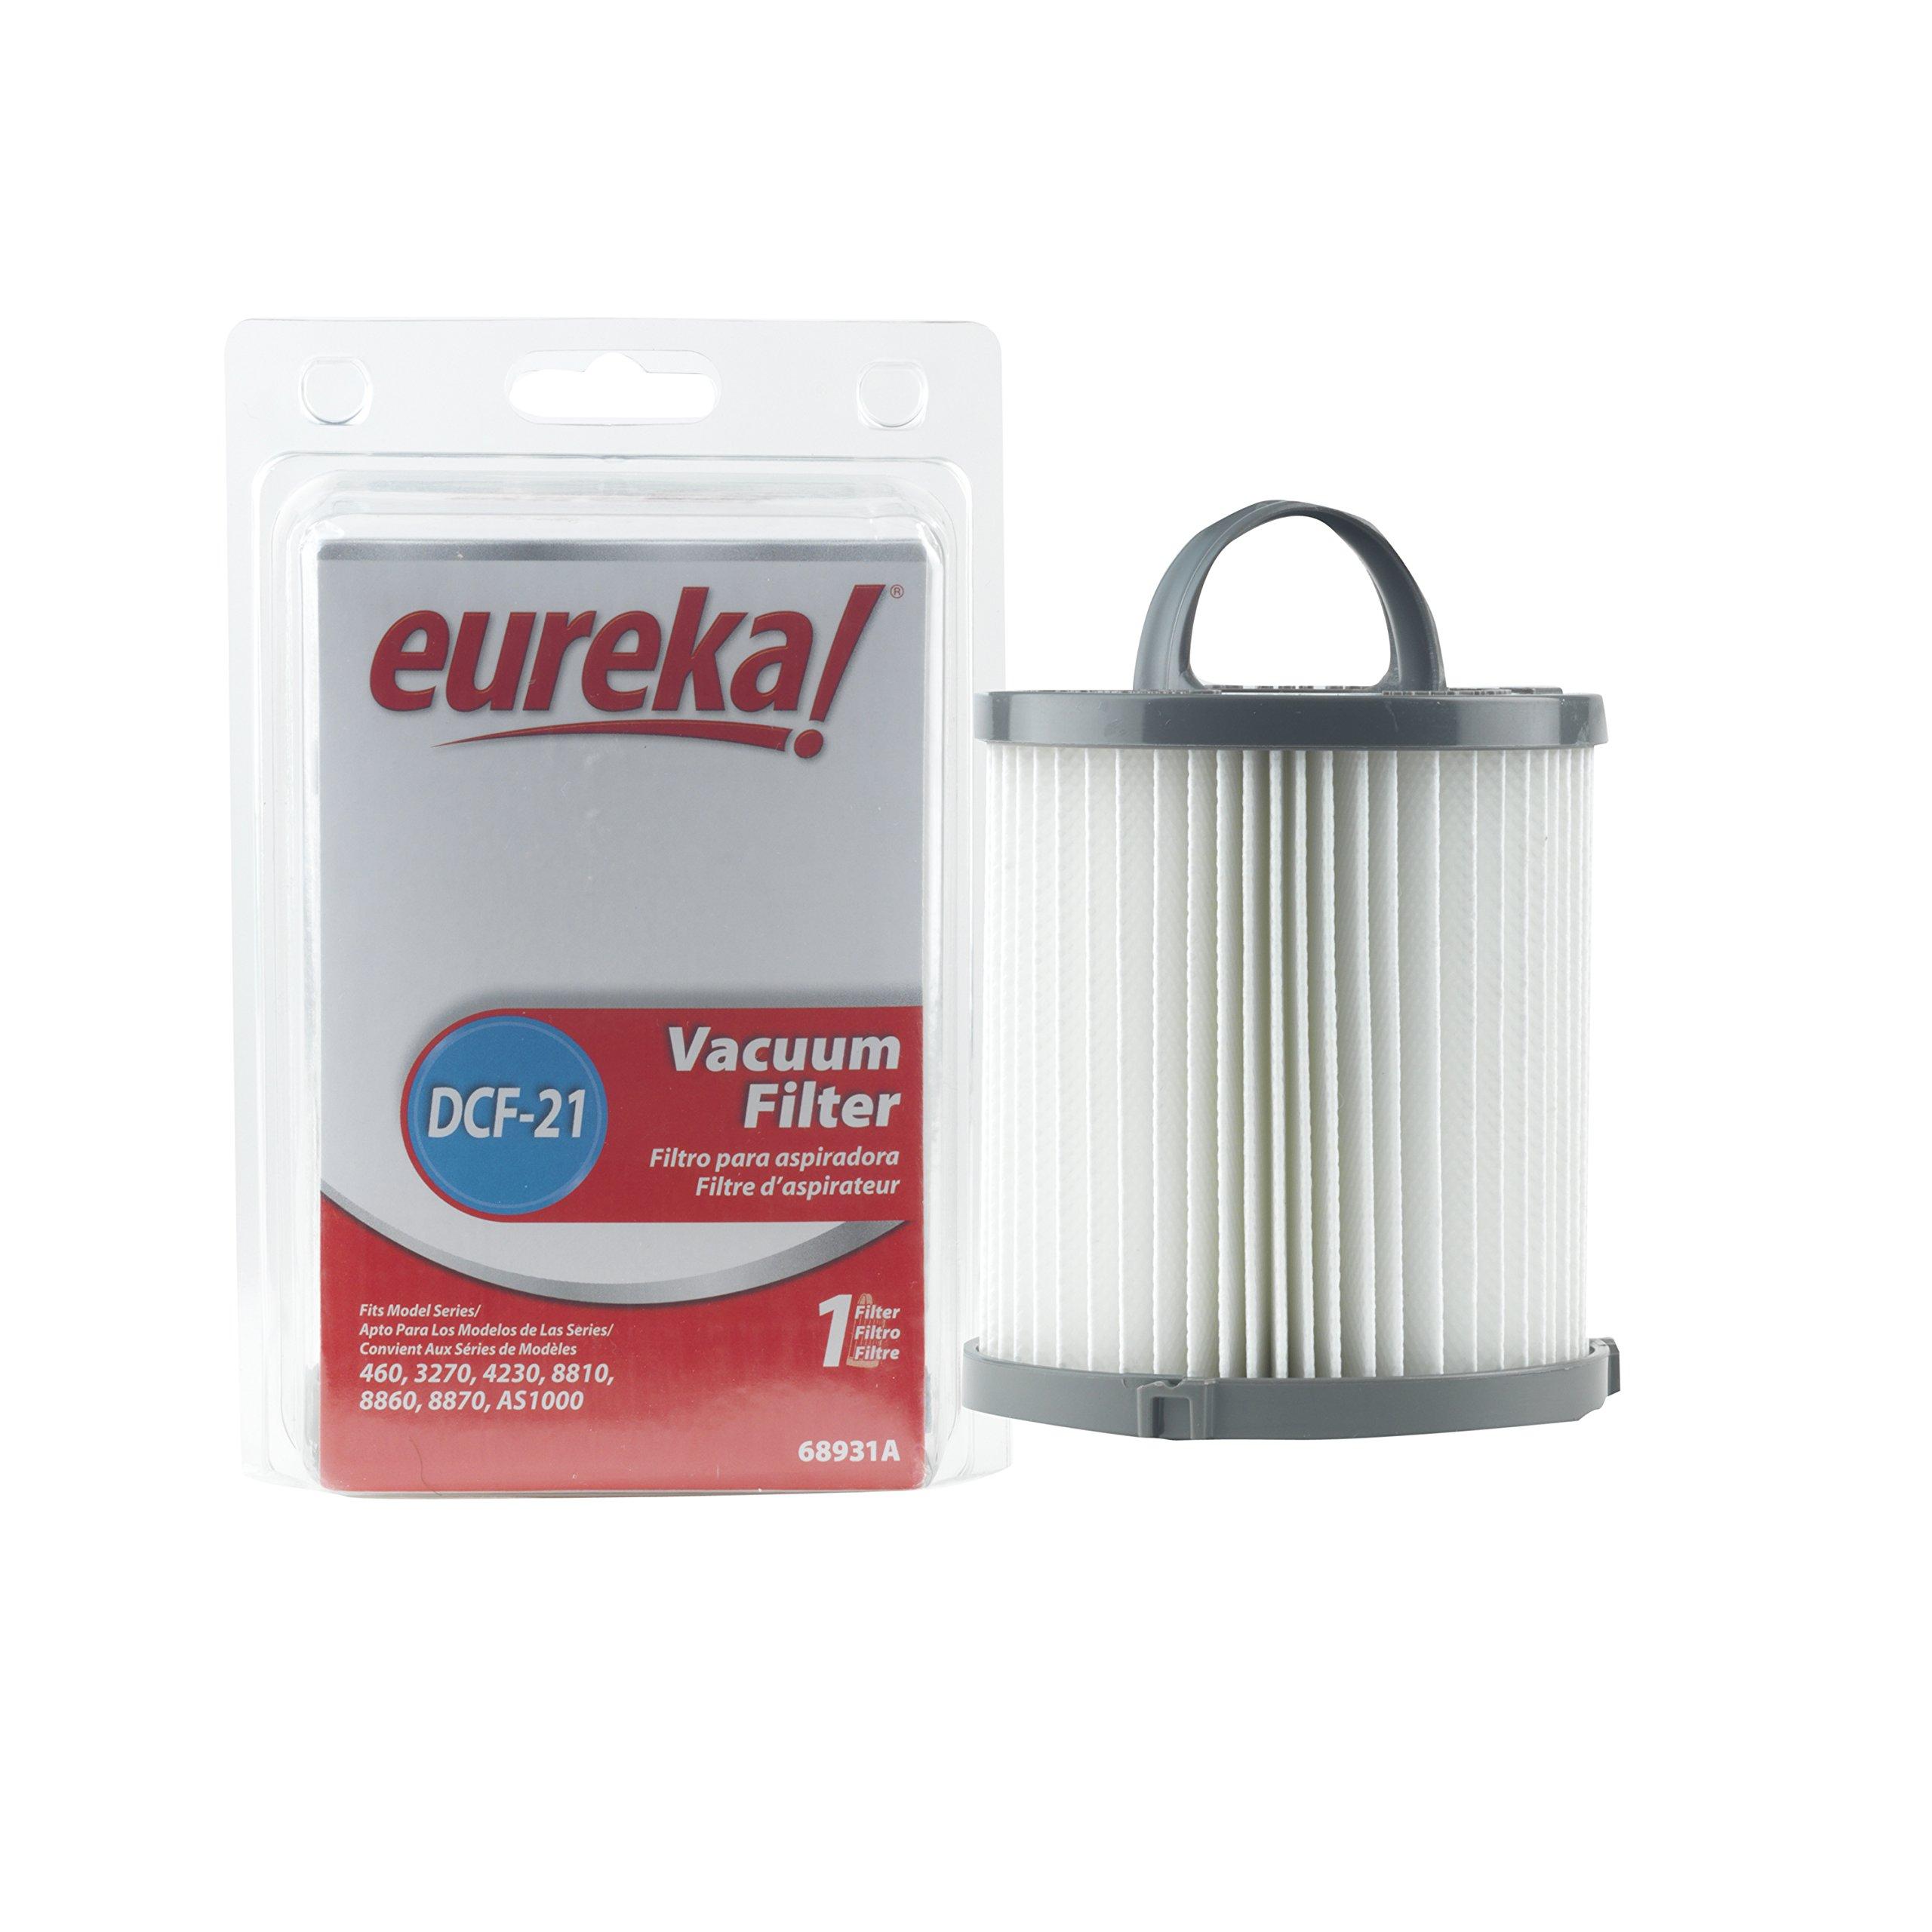 Genuine Eureka DCF-21 Filter 68931 - 1 filter by EUREKA